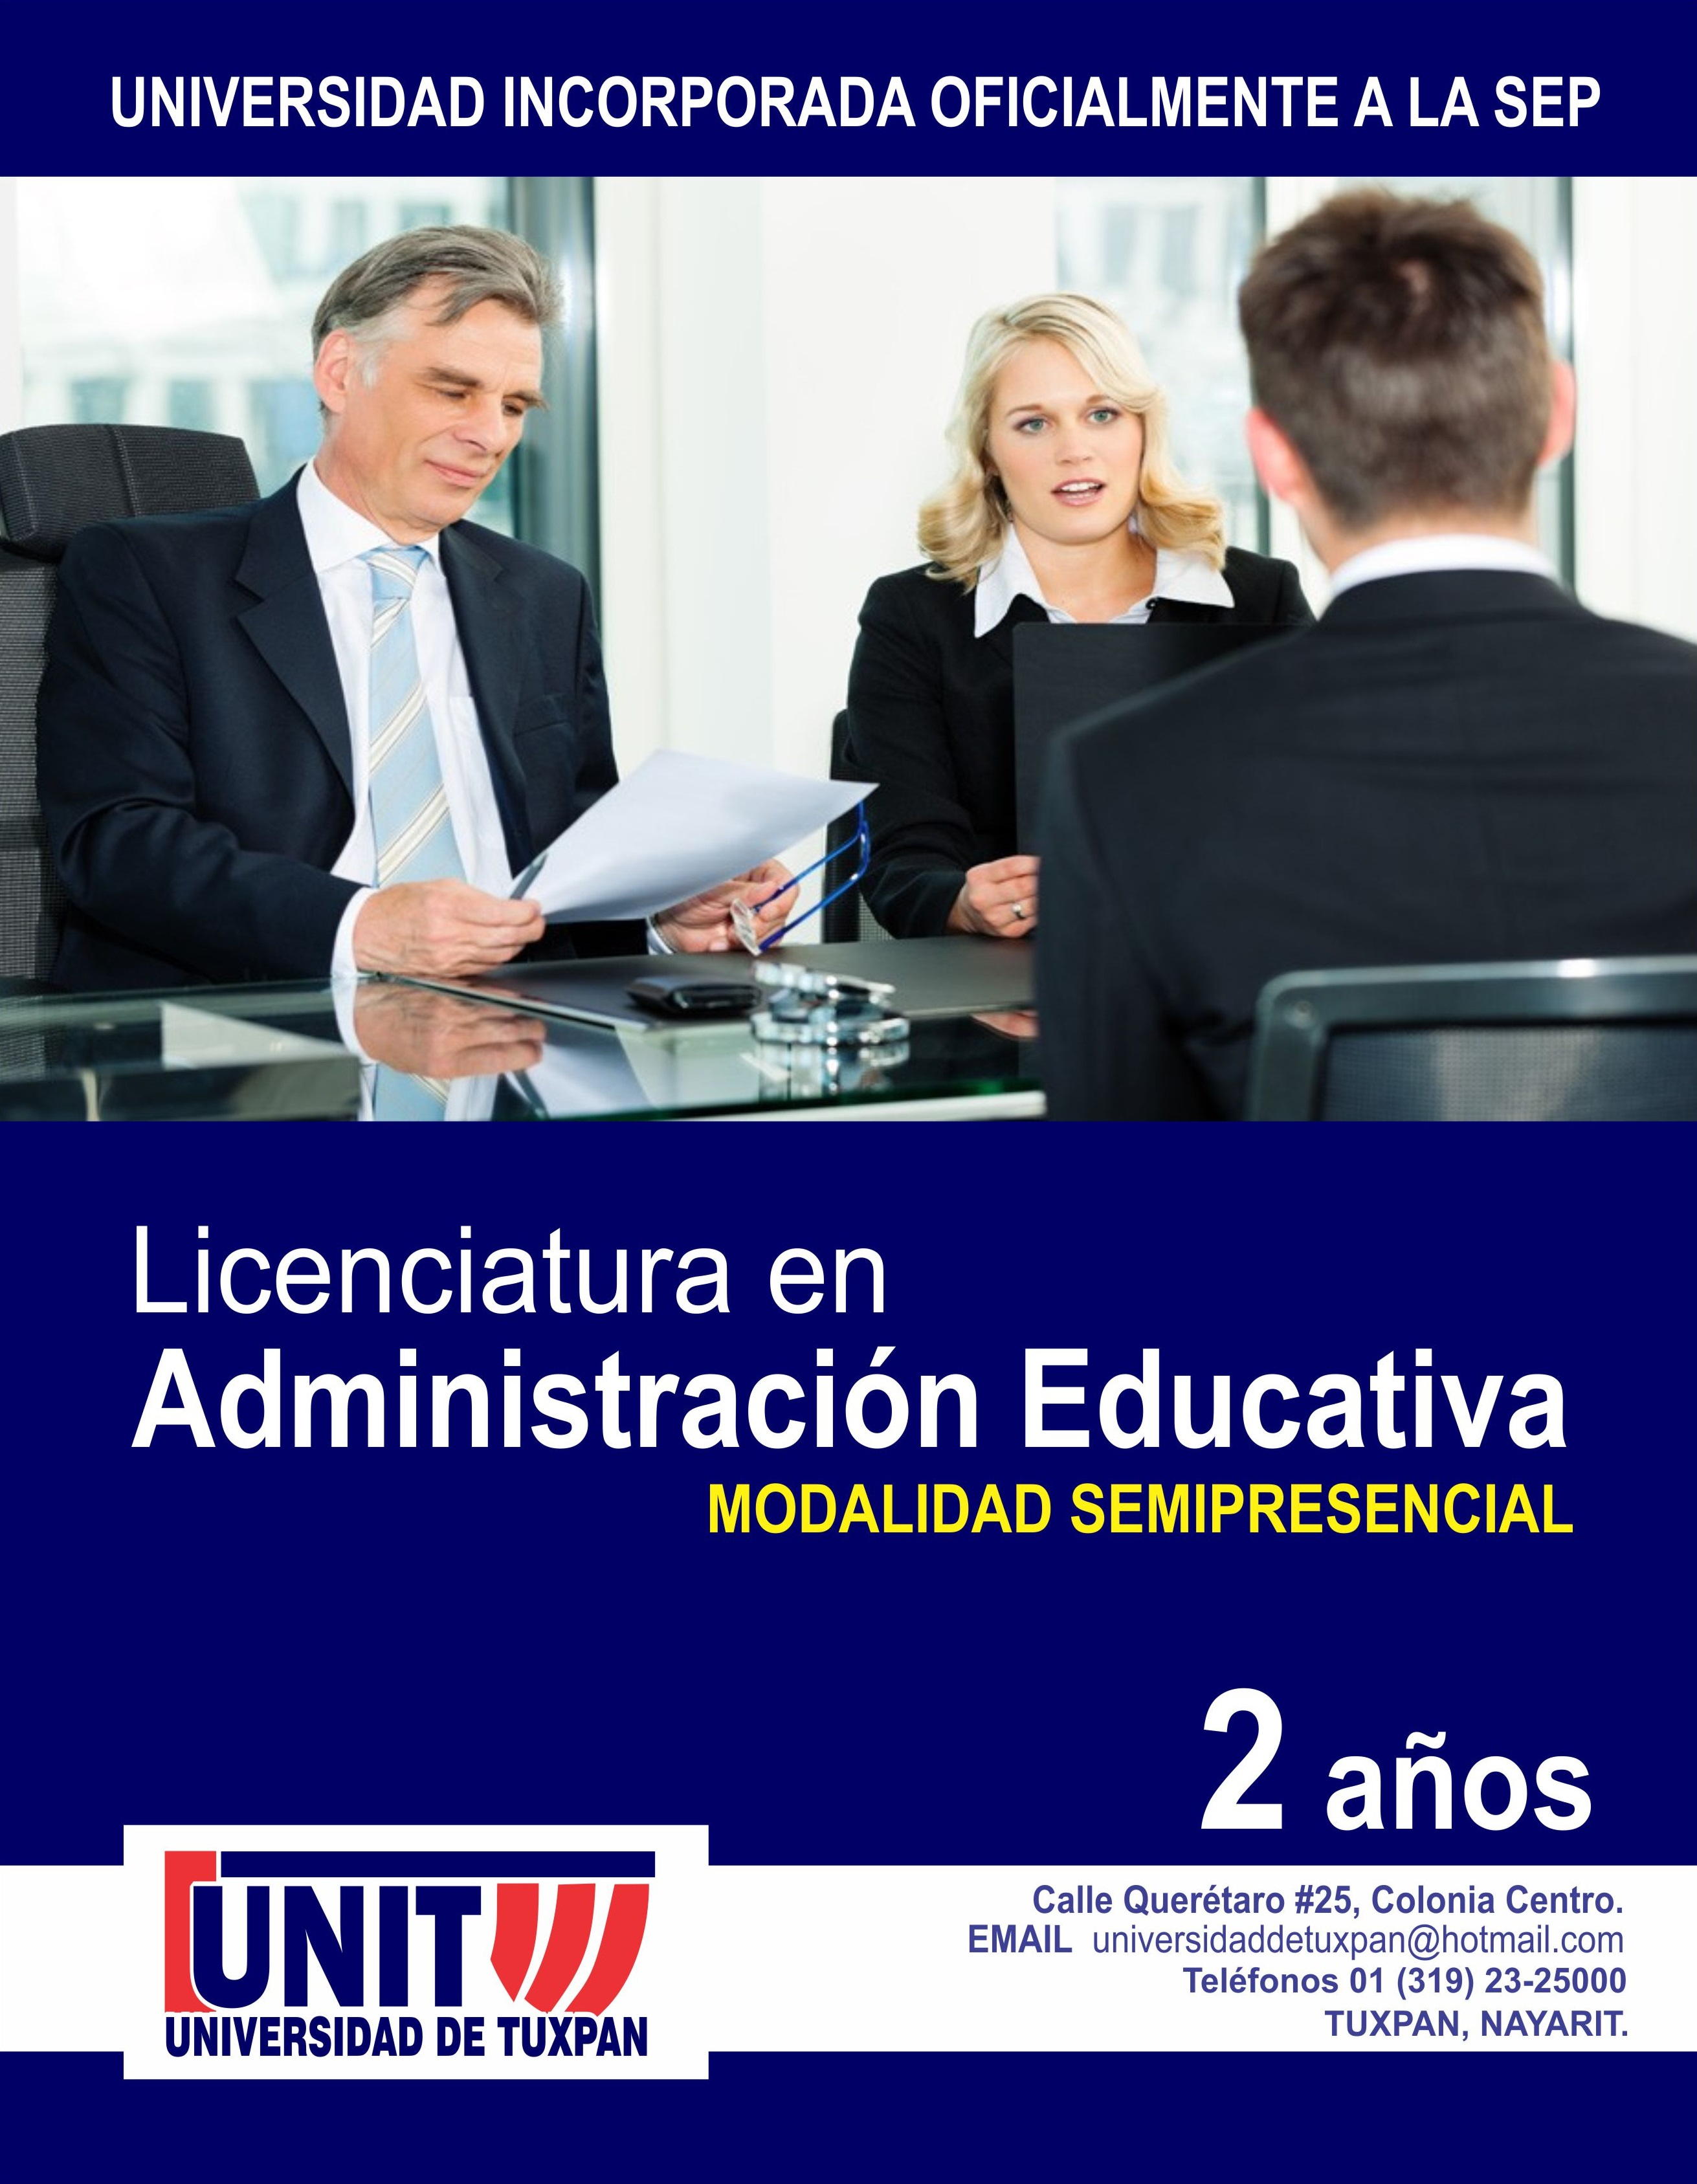 RVOE oficial: Licenciatura en Administración Educativa